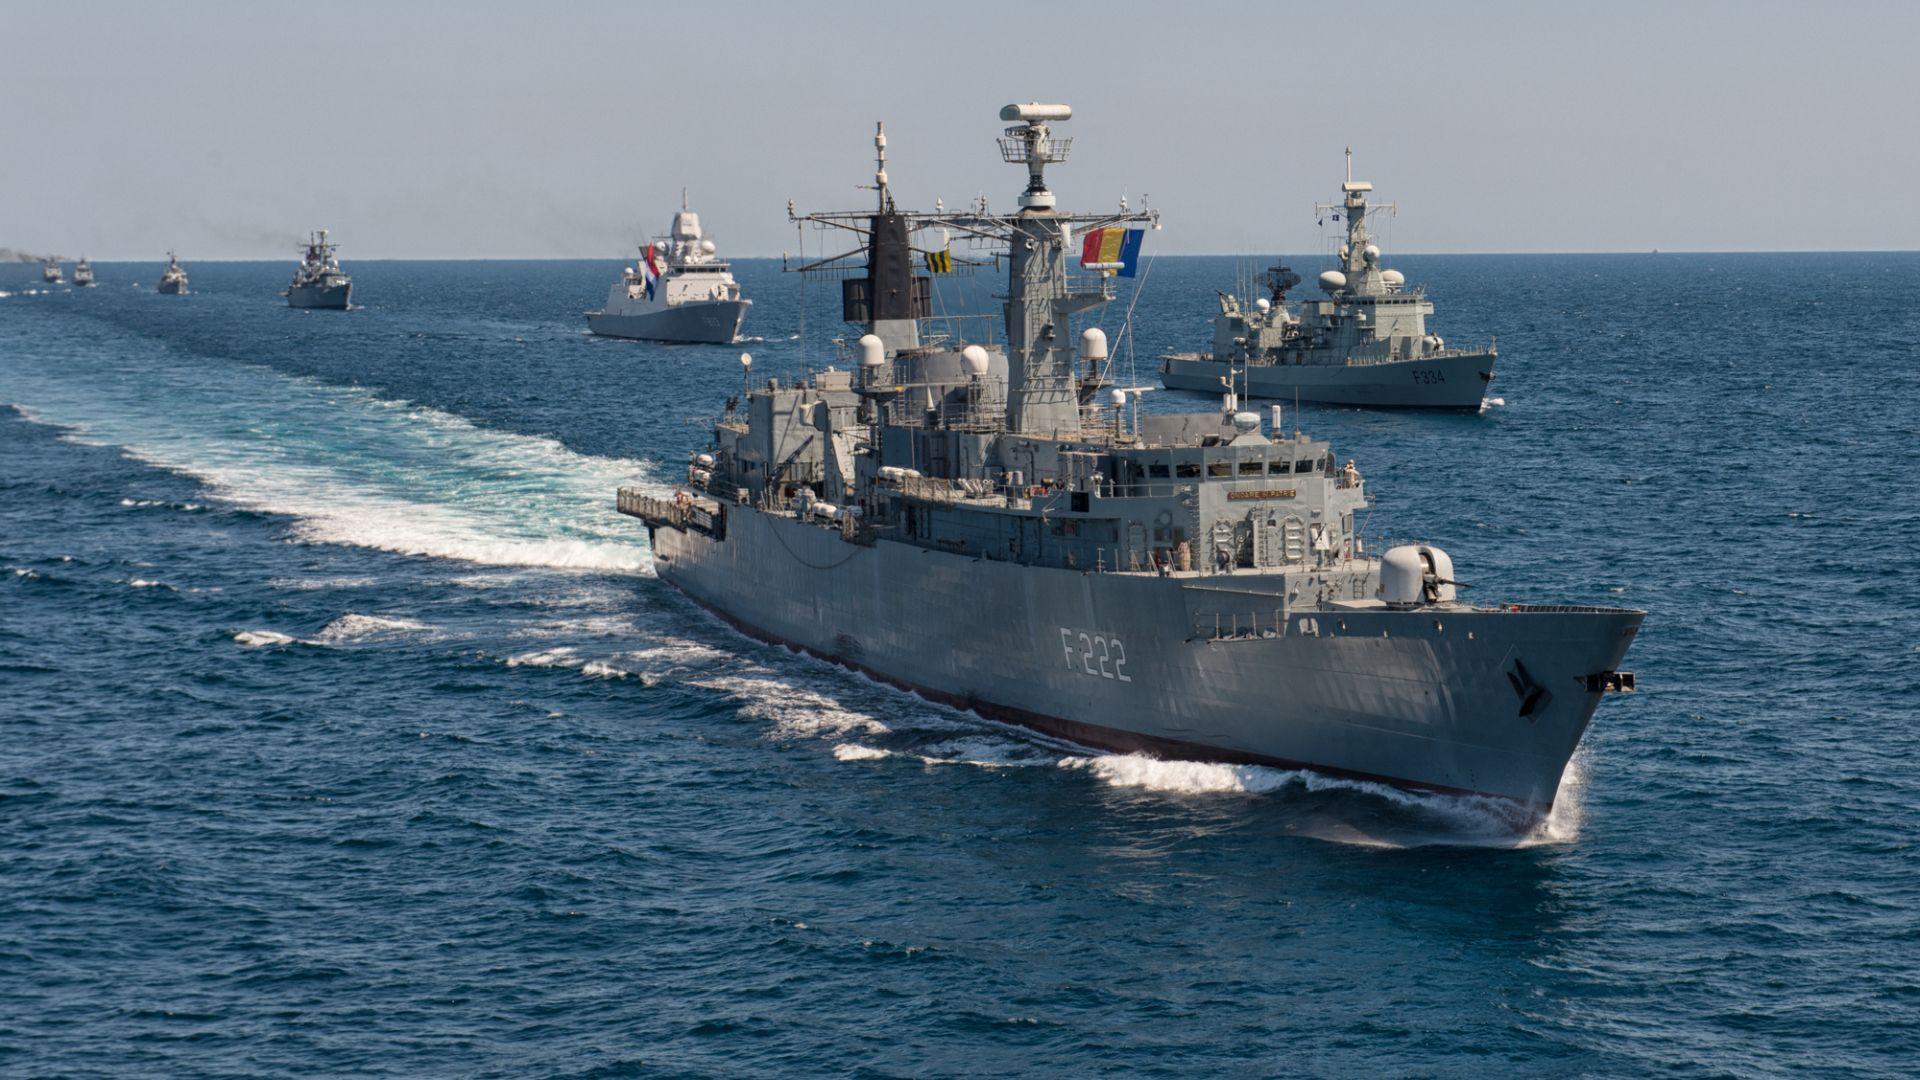 Exercițiile NATO la Marea Neagră, răspunsul Alianței la acțiunile în forță ale Kremlinului